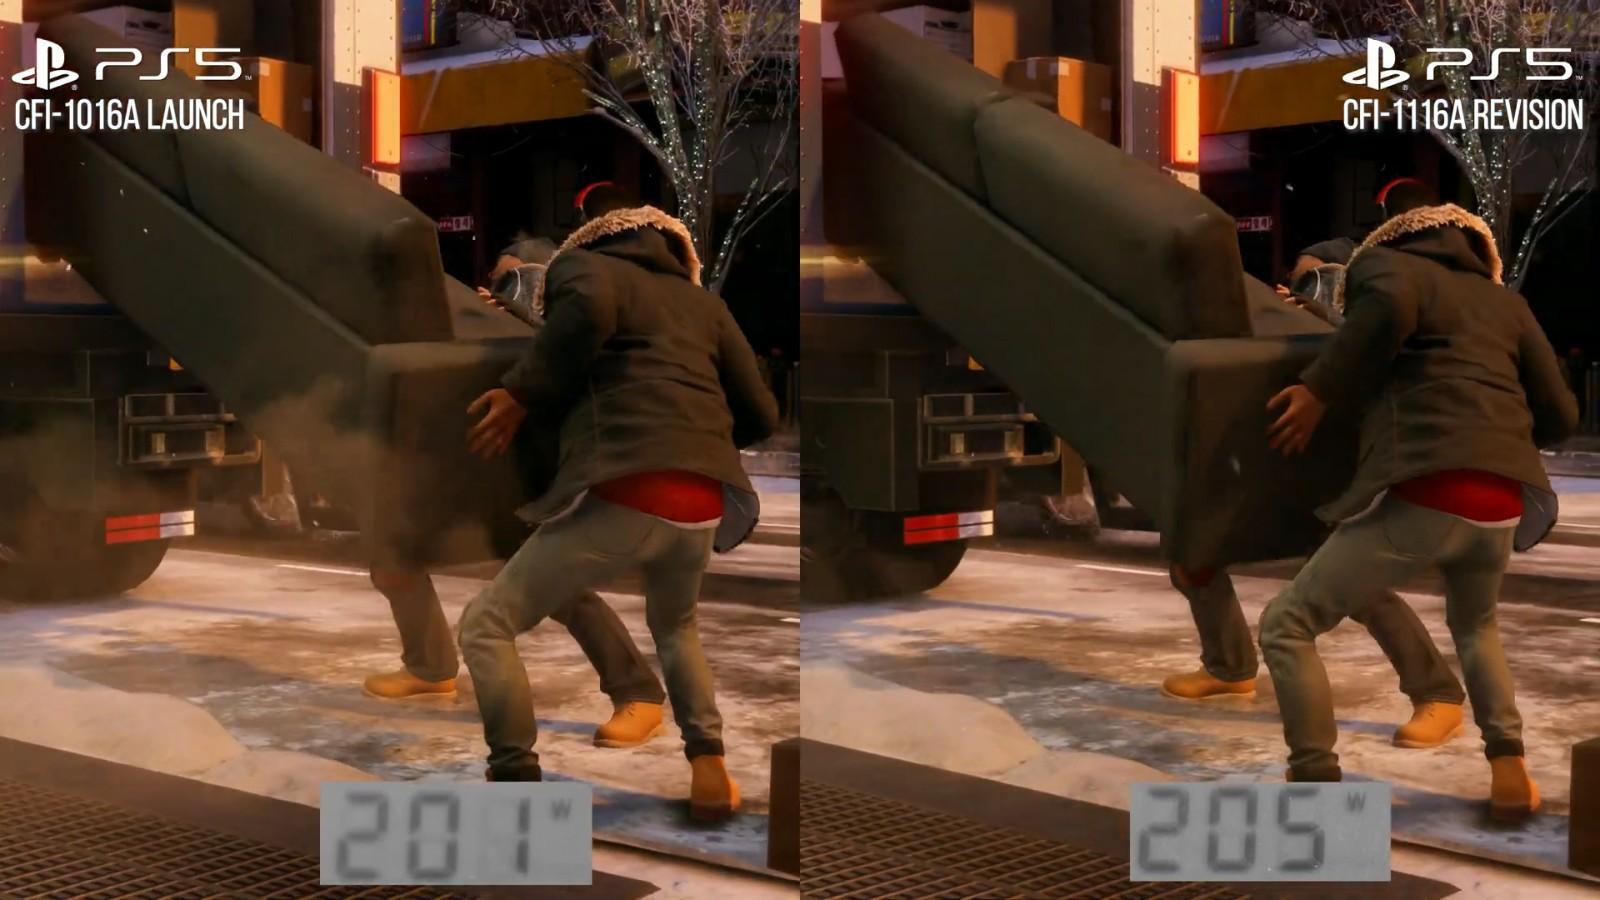 外媒评测PS5新机型:和首发版性能并无二致插图7